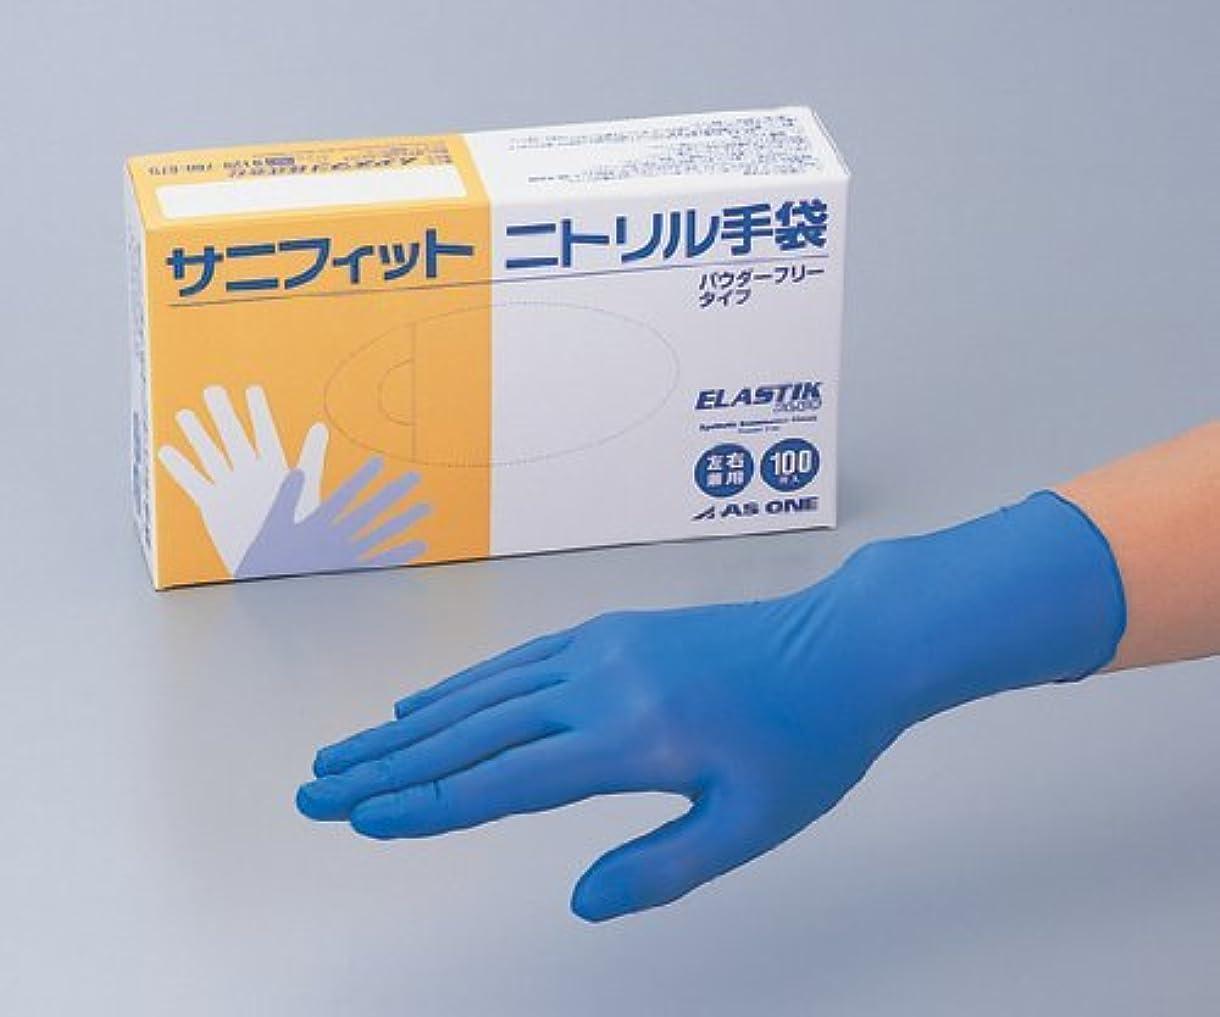 パスタ理想的には材料アズワン1-4714-13サニフィットニトリル手袋(パウダーフリー)濃青S100枚入